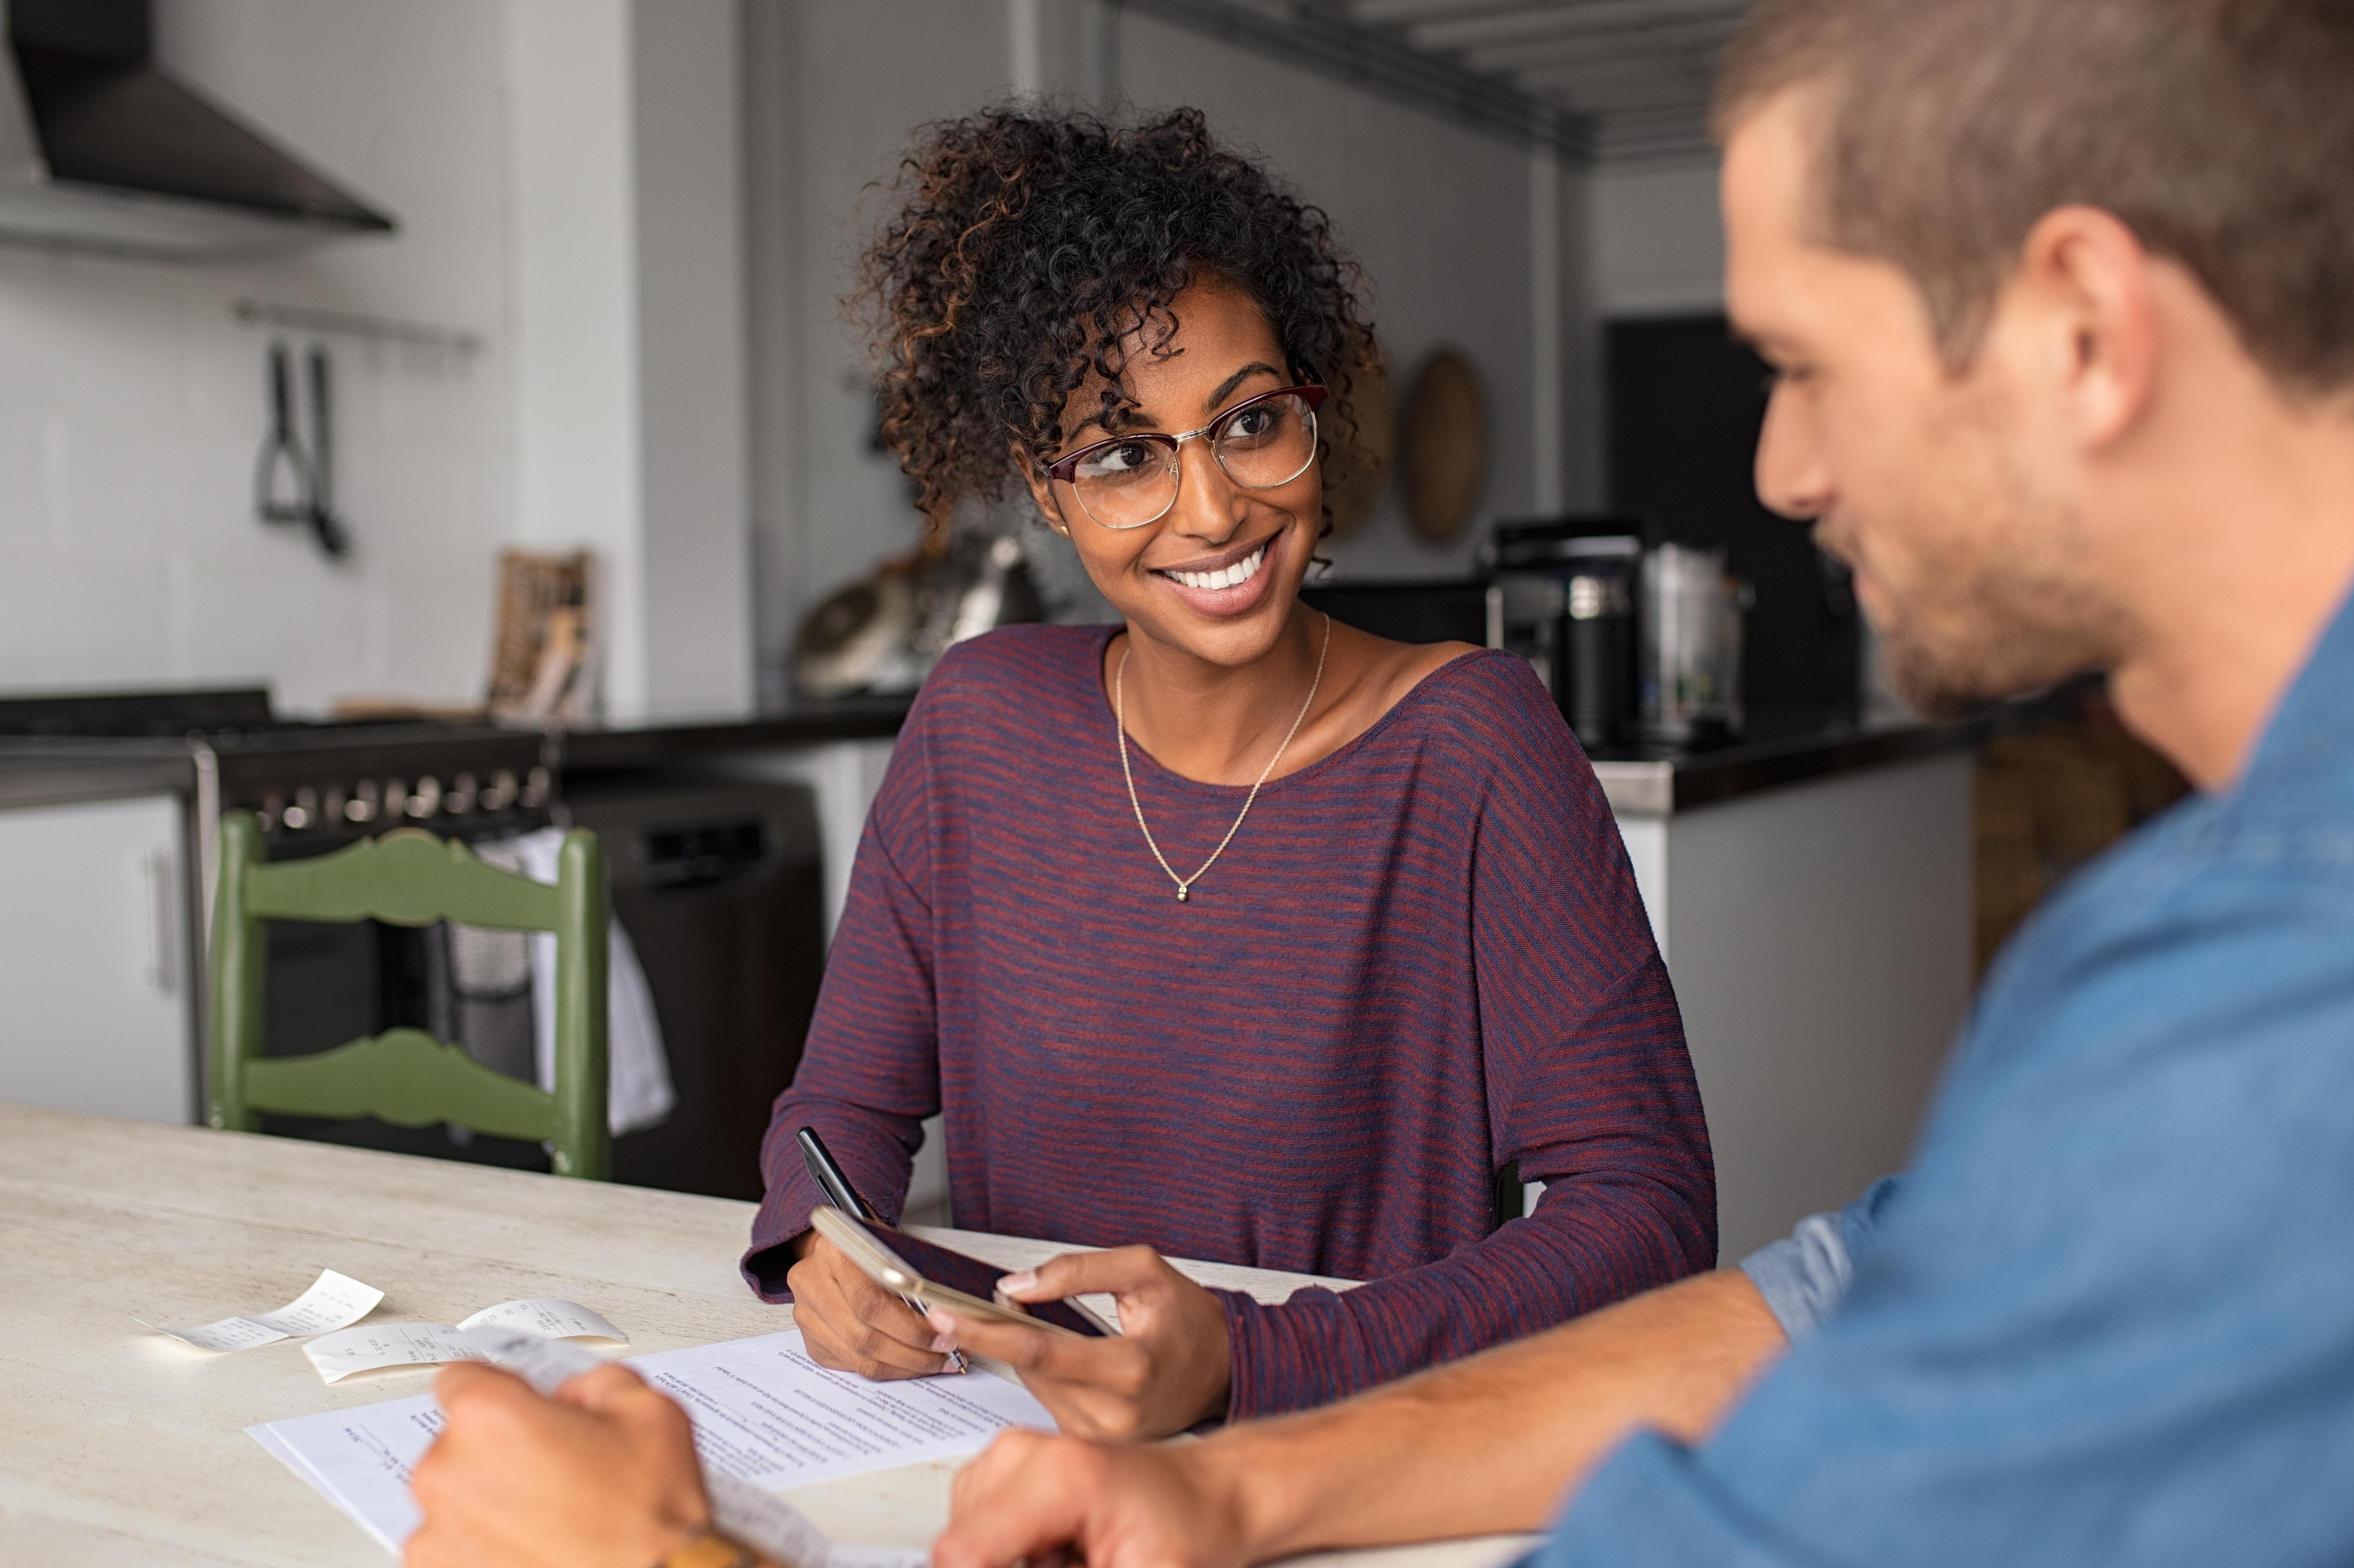 imagem_horizontal_2_construir_disciplina_financeira casal étnico-diverso organizando as finanças juntos e felizes